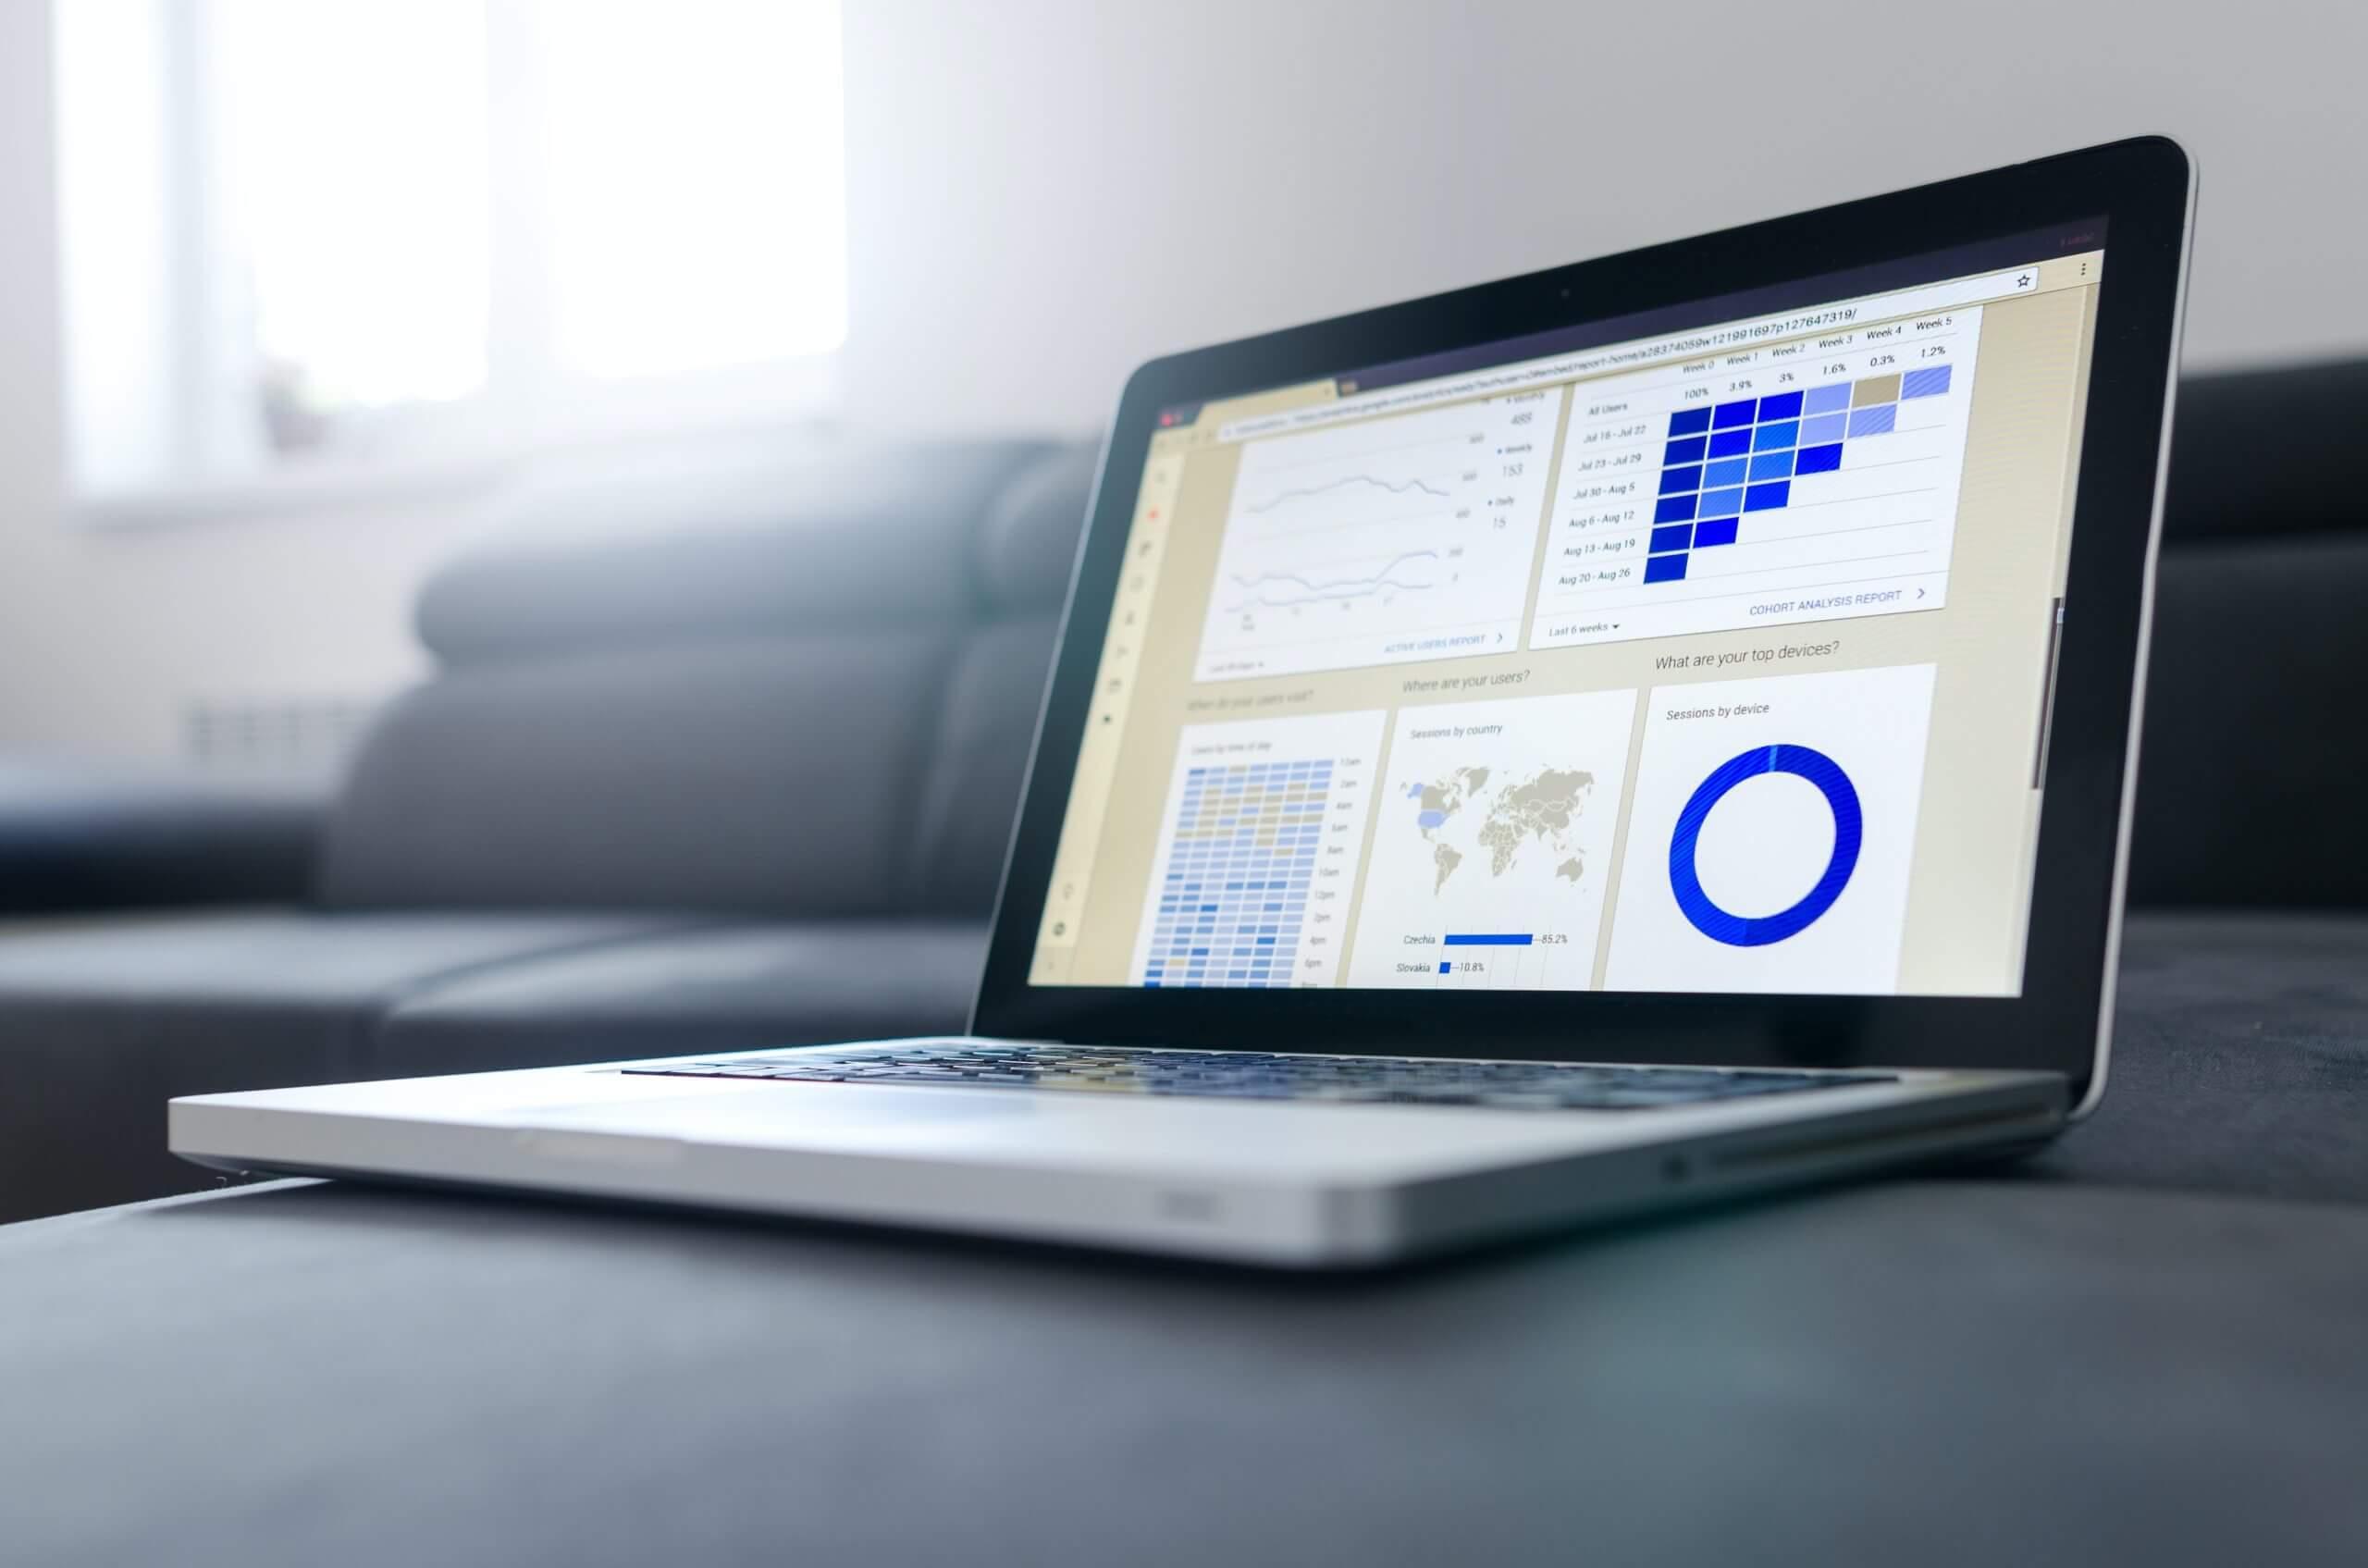 Data Analytics on laptop